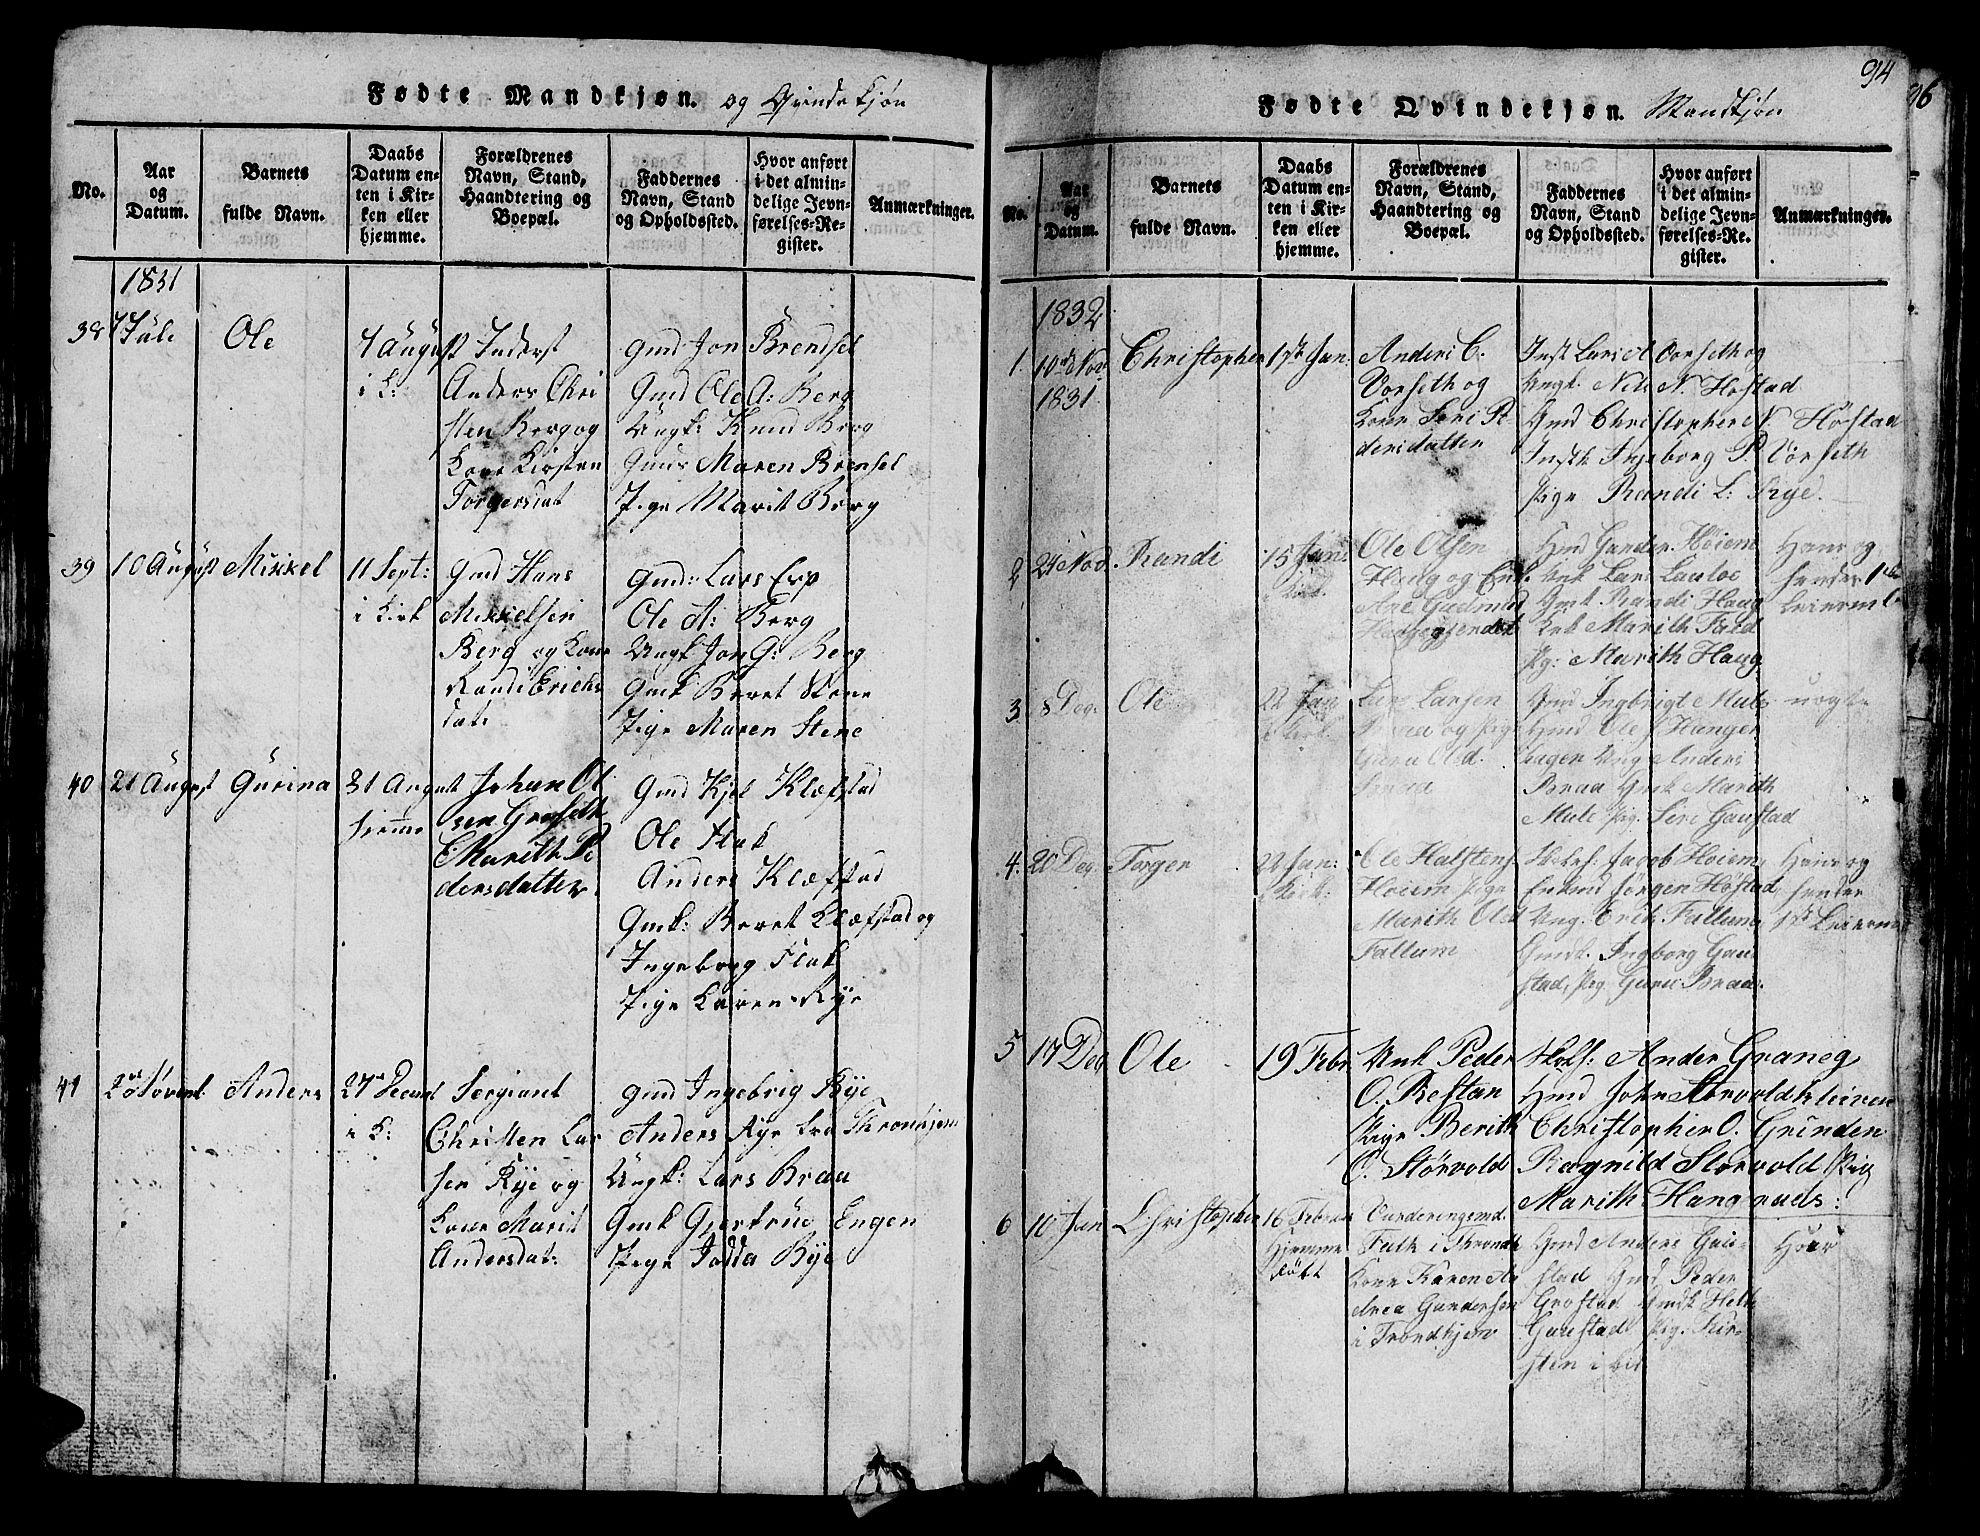 SAT, Ministerialprotokoller, klokkerbøker og fødselsregistre - Sør-Trøndelag, 612/L0385: Klokkerbok nr. 612C01, 1816-1845, s. 94